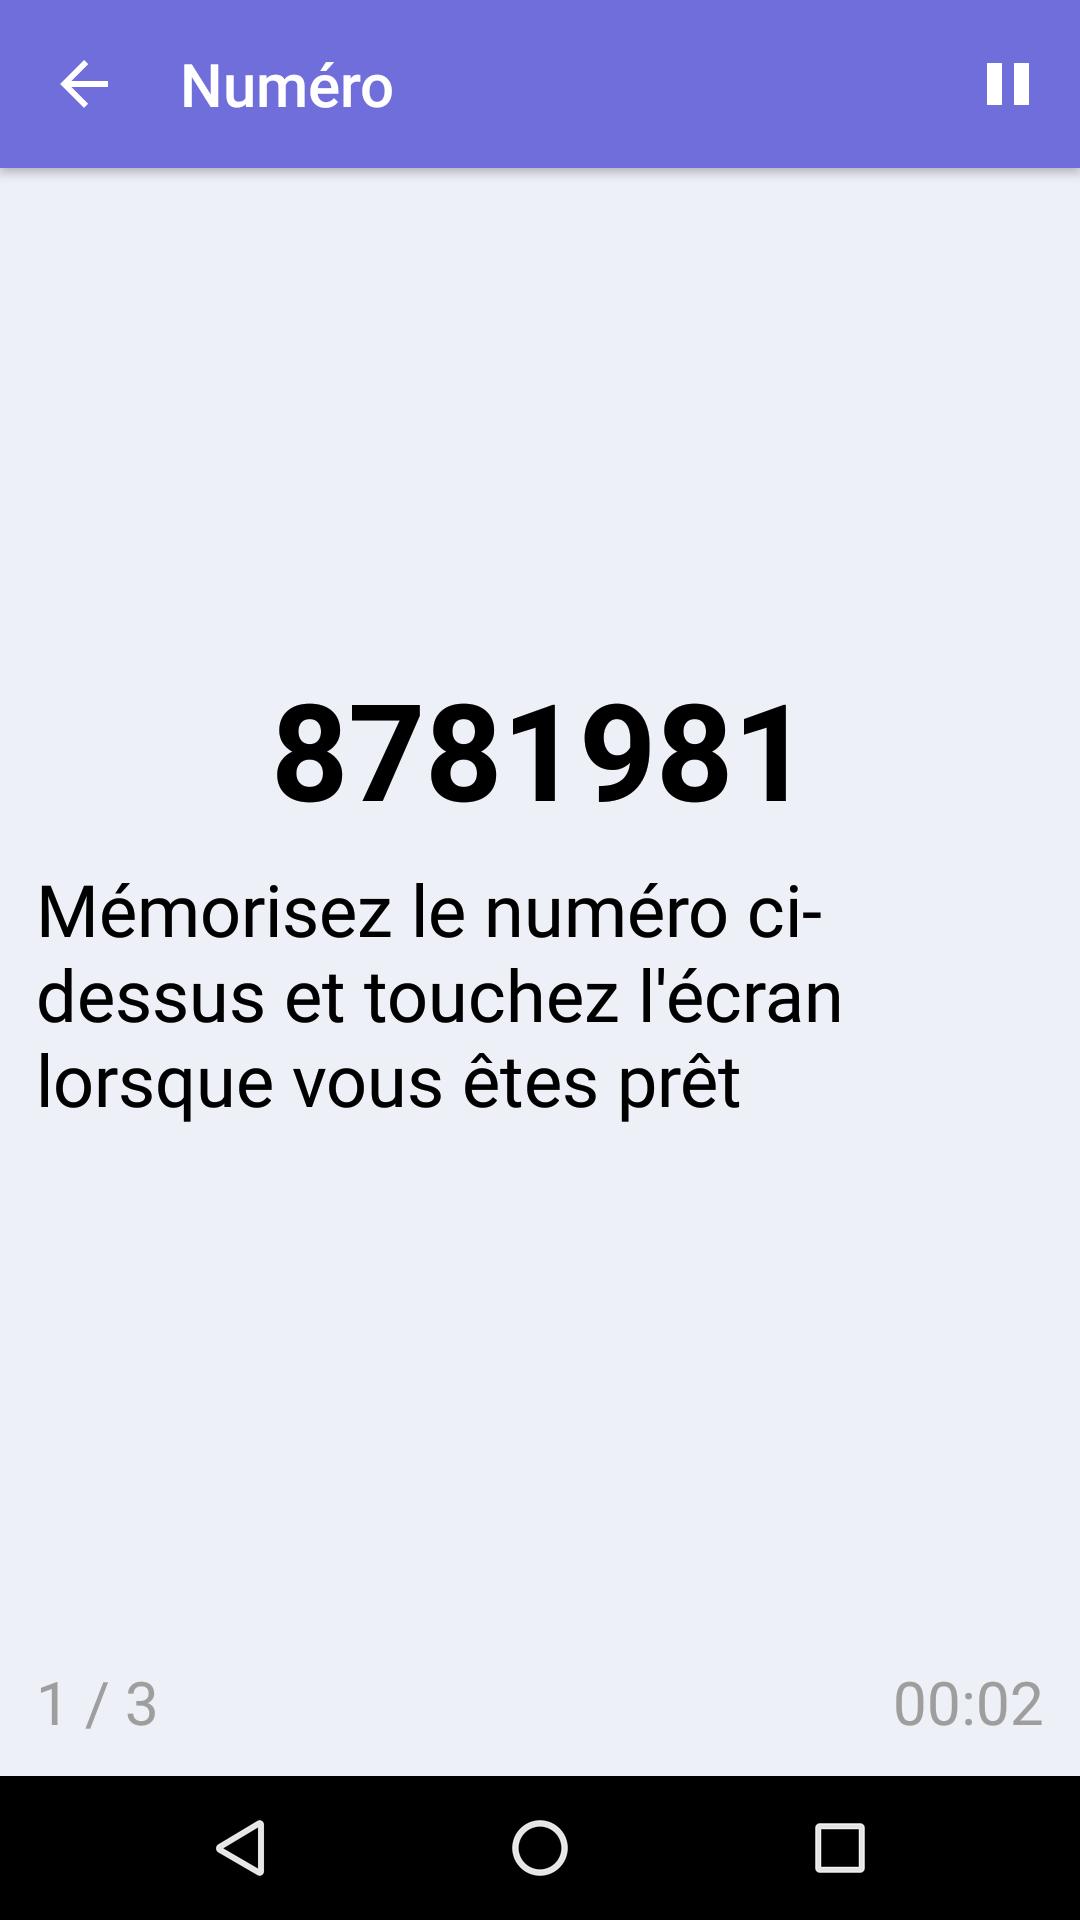 Numéro : Jeu De Mémoire Gratuit Pour Iphone & Android à Jeu De Memoire Gratuit